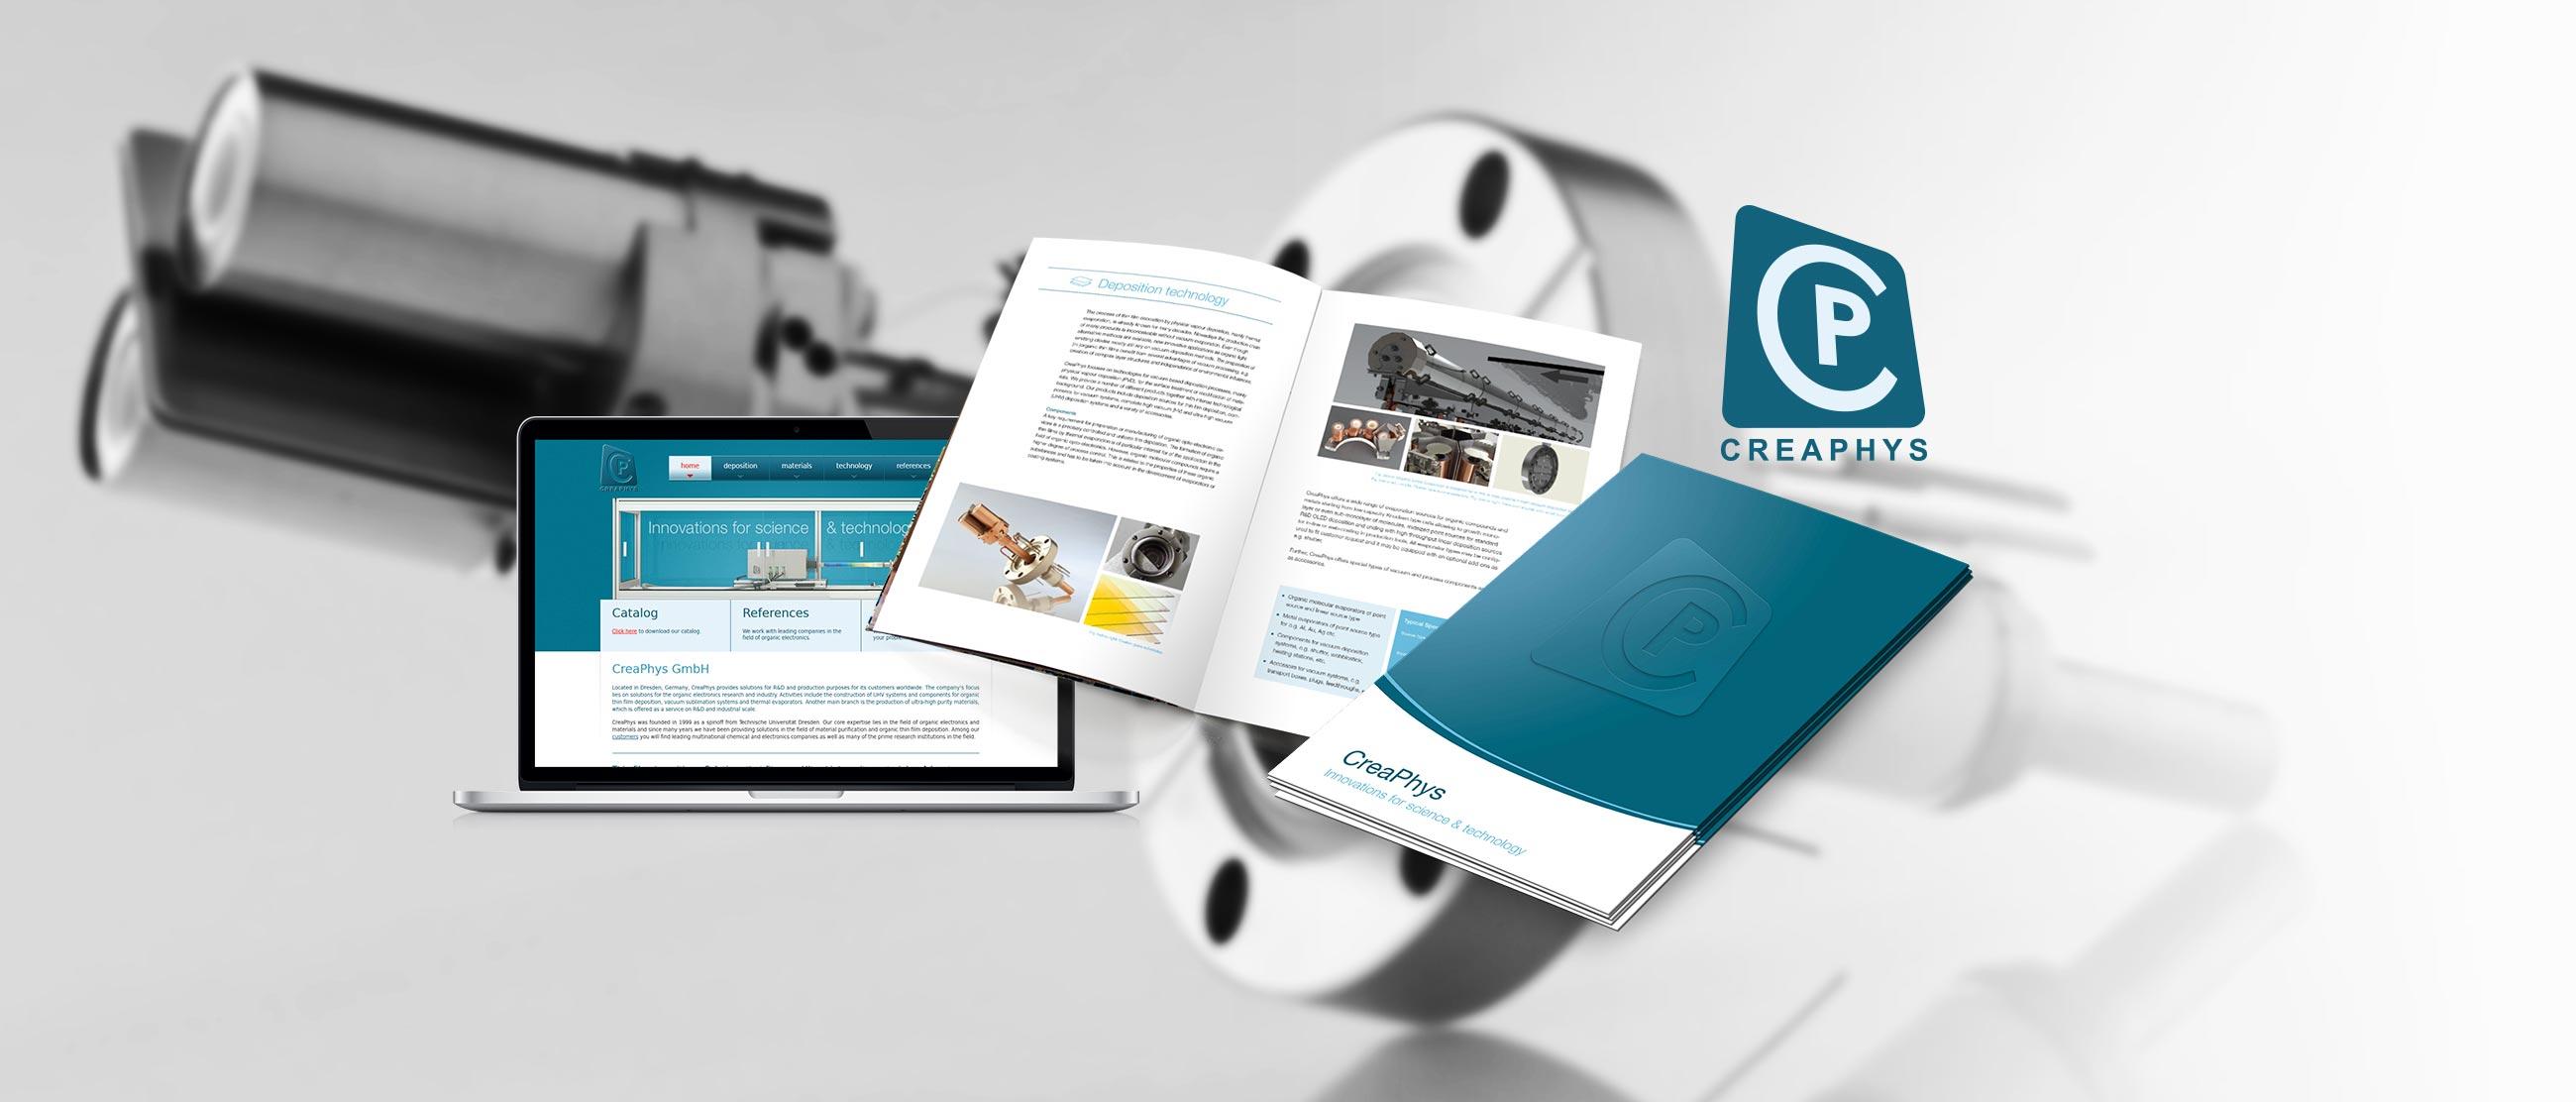 CreaPhys GmbH: Erstellung eines Corporate Designs (Logo, Website, Produktkatalog, Pressemappe, Visitenkarten, Roll-ups, Plakate)